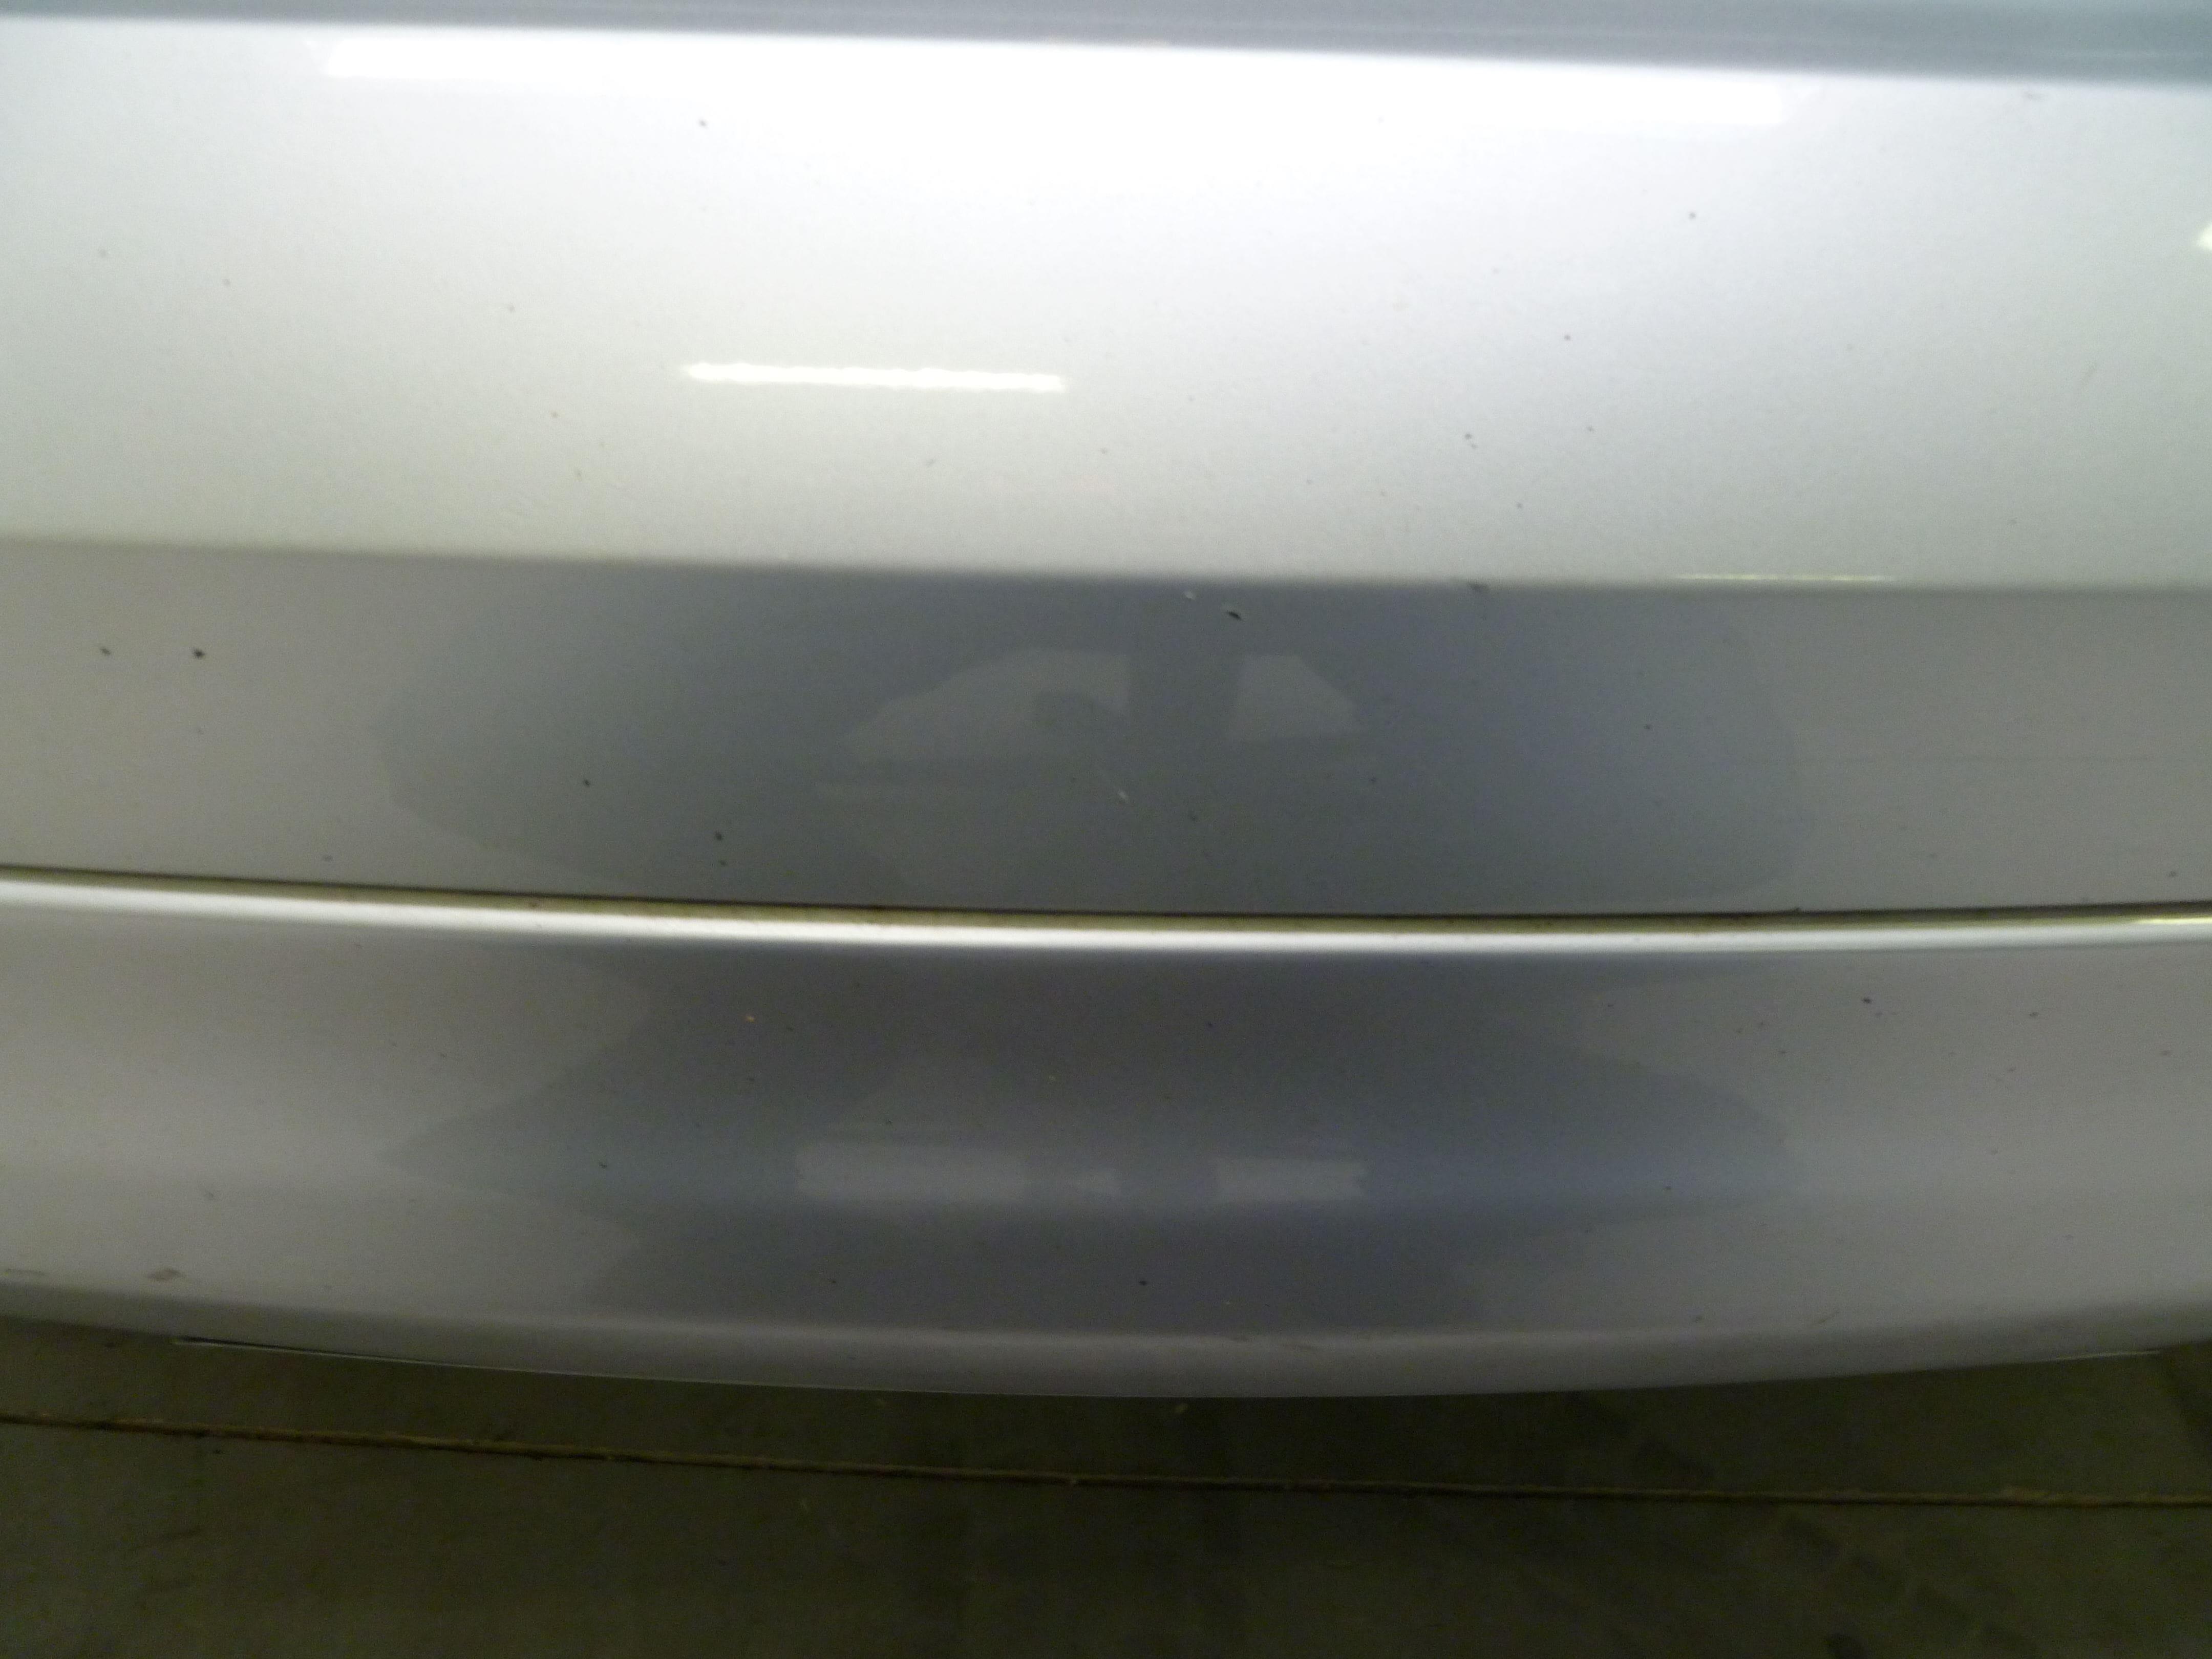 Audi Q7 met Mat Witte Wrap, Carwrapping door Wrapmyride.nu Foto-nr:4941, ©2021